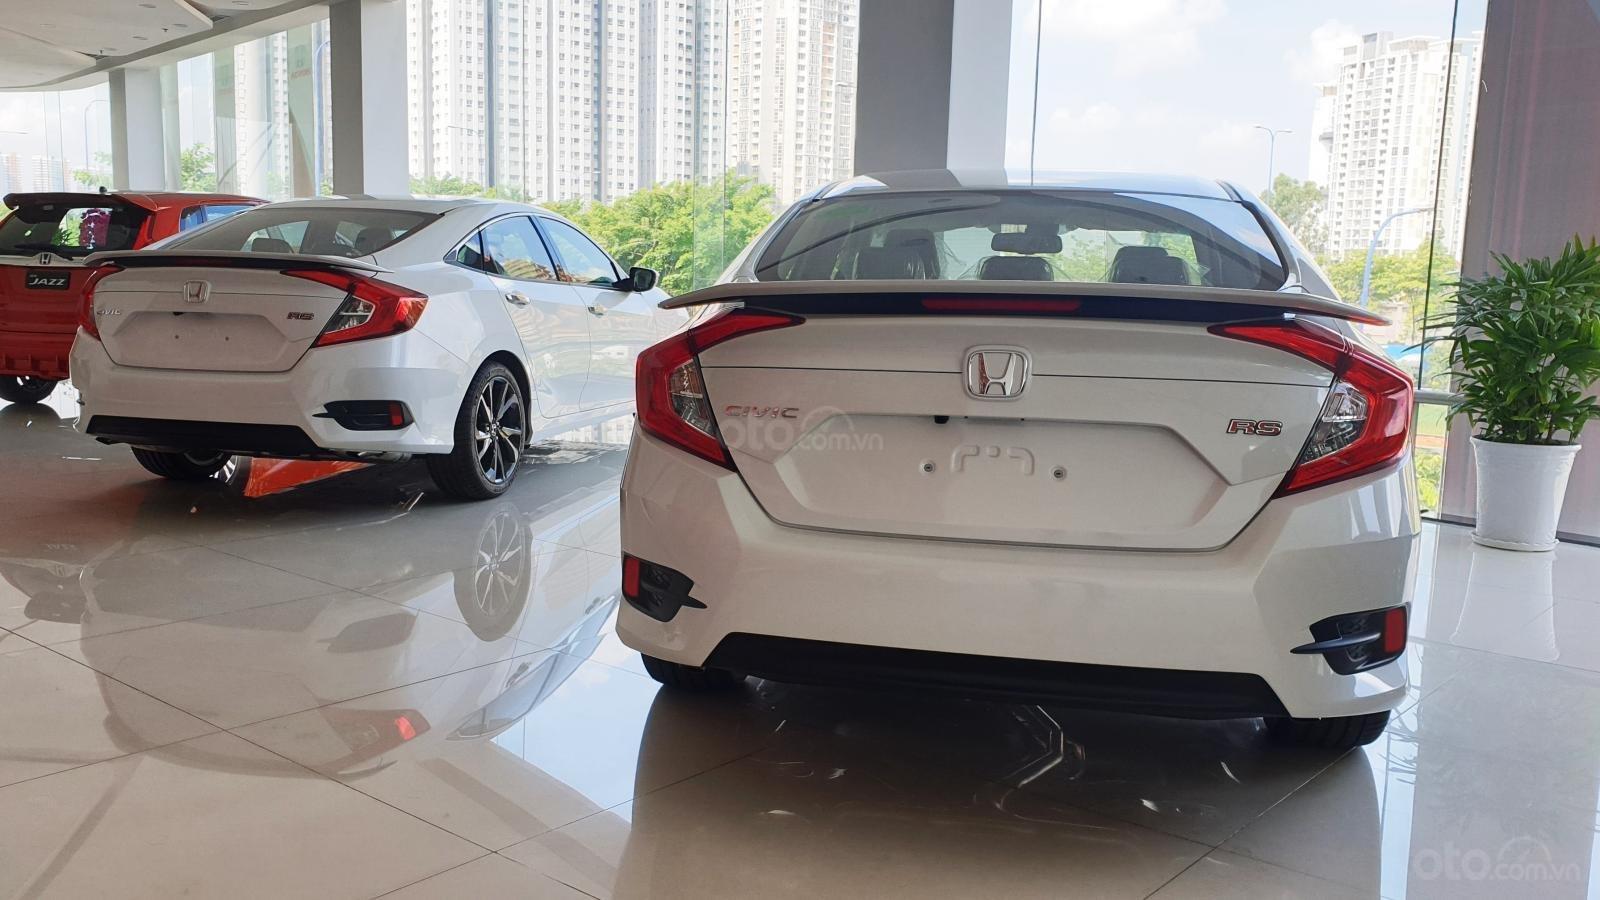 [SG] Honda Civic 2019 thể thao, cá tính, xe giao liền, SĐT 0901.898.383 - Hỗ trợ tốt nhất Sài Gòn - Giá tốt-2